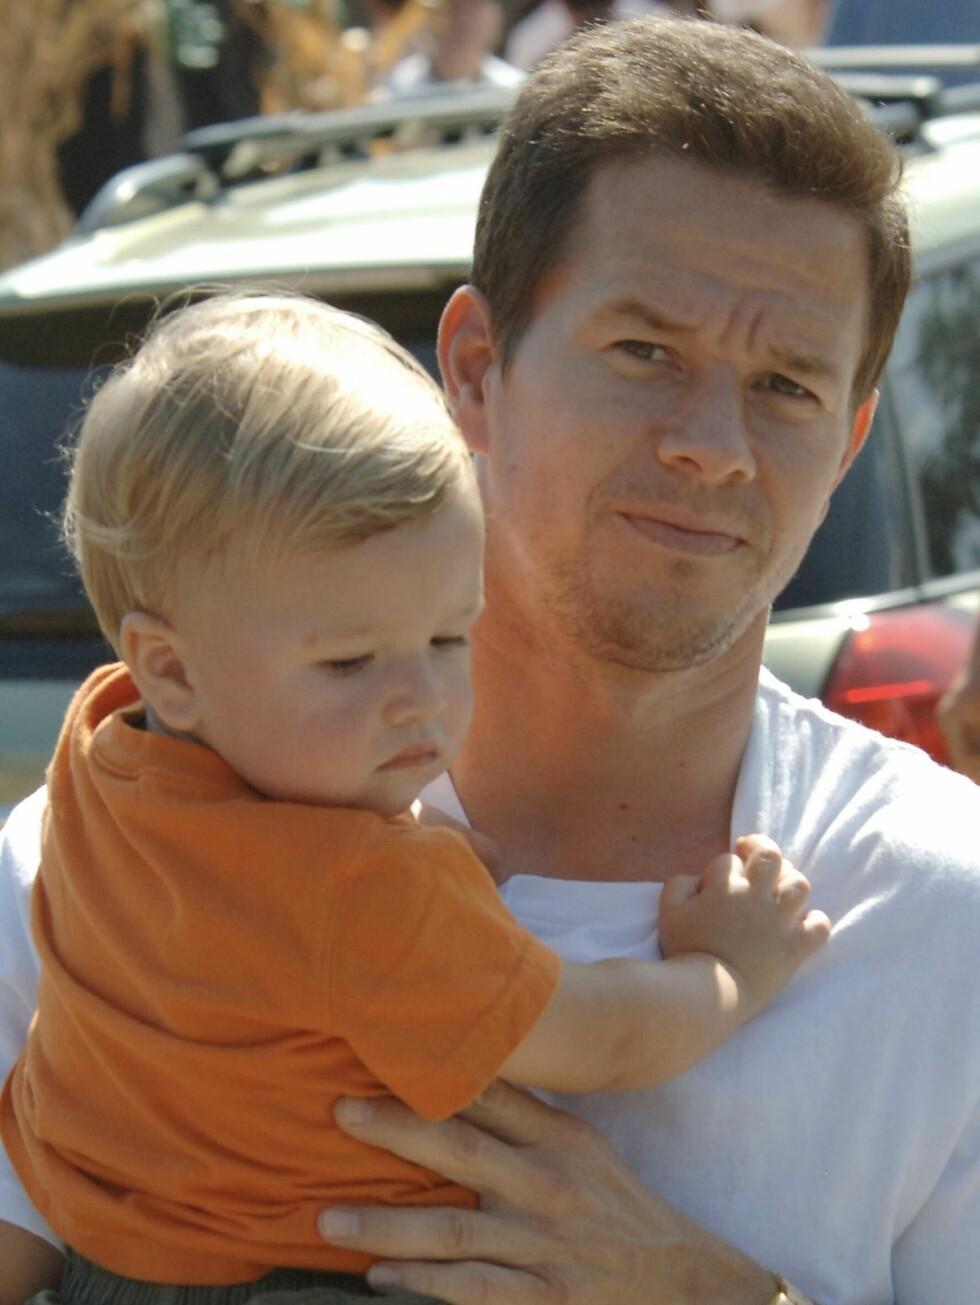 BESKYTTET: Boogie Nights-skuespilleren Mark Wahlberg (36) skjermer datteren Ella mot fotografene.  Foto: All Over Press